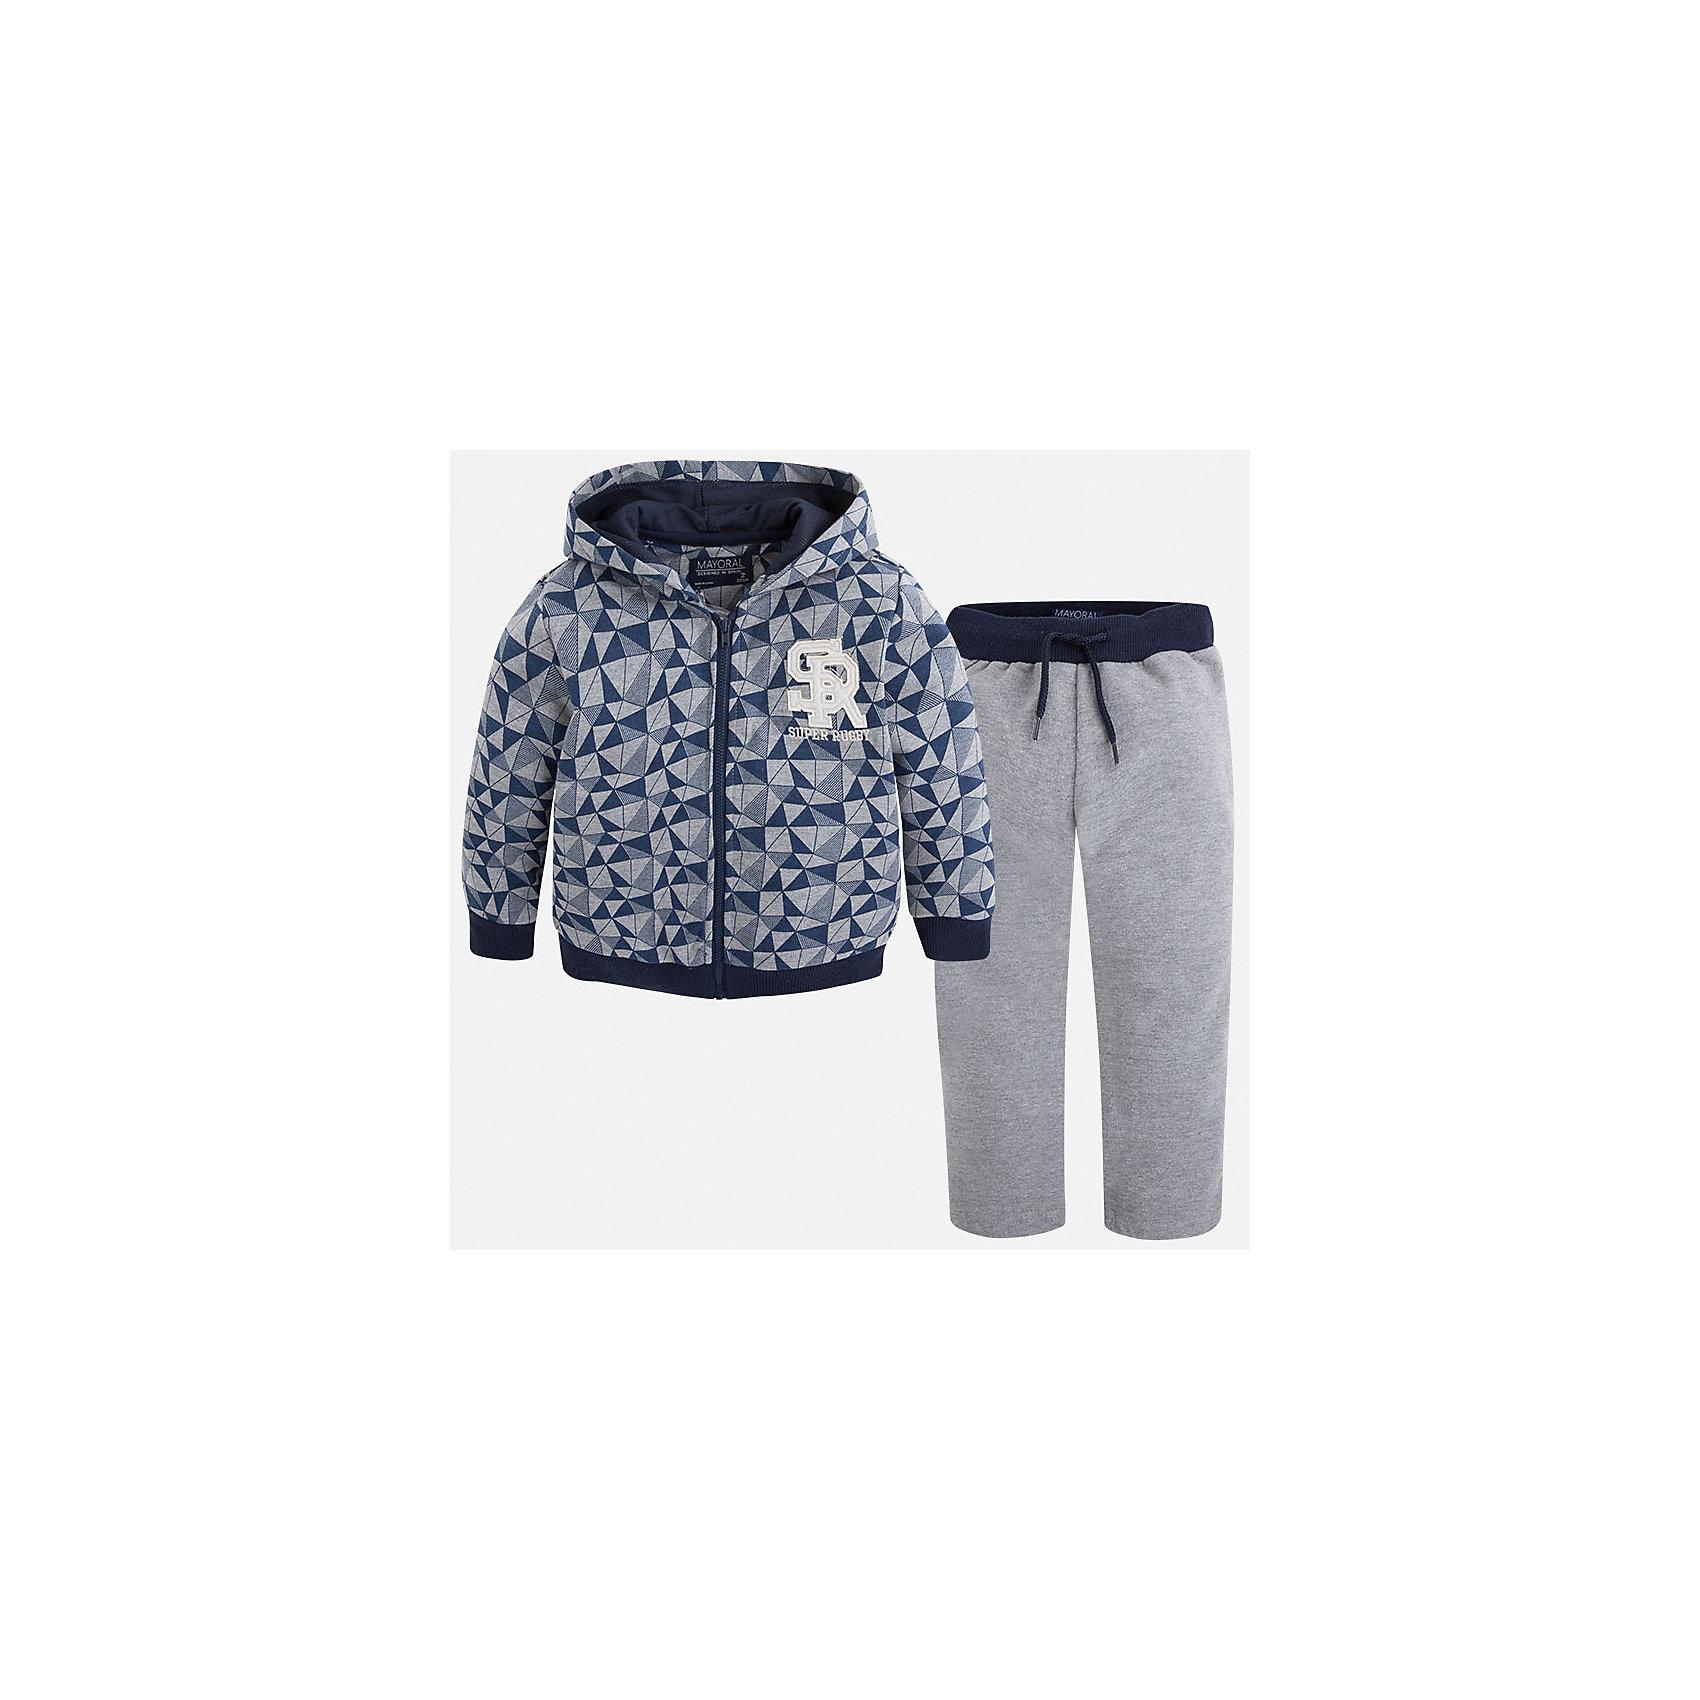 Спортивный костюм для мальчика MayoralСтильный, практичный, долговечный и очень удобный спортивный костюм для мальчика.<br><br>Дополнительная информация:<br><br>- В комплекте: спортивная куртка и брюки.<br>- Крой: свободный крой.<br>- Страна бренда: Испания.<br>- Состав: хлопок 33%, полиэстер 67%.<br>- Цвет: серый.<br>- Уход: бережная стирка при 30 градусах.<br><br>Стильный, практичный, долговечный и очень удобный спортивный костюм для мальчика.<br><br>Дополнительная информация:<br><br>- В комплекте: Спортивная куртка и брюки.<br>- Крой: свободный крой.<br>- Страна бренда: Испания.<br>- Состав: хлопок 33%, полиэстер 67%.<br>- Цвет: синий.<br>- Уход: бережная стирка при 30 градусах.<br><br>Купить спортивный костюм для мальчика Mayoral, можно в нашем магазине.<br><br>Ширина мм: 247<br>Глубина мм: 16<br>Высота мм: 140<br>Вес г: 225<br>Цвет: серый<br>Возраст от месяцев: 96<br>Возраст до месяцев: 108<br>Пол: Мужской<br>Возраст: Детский<br>Размер: 128,110,116,122,134,98,104<br>SKU: 4826508